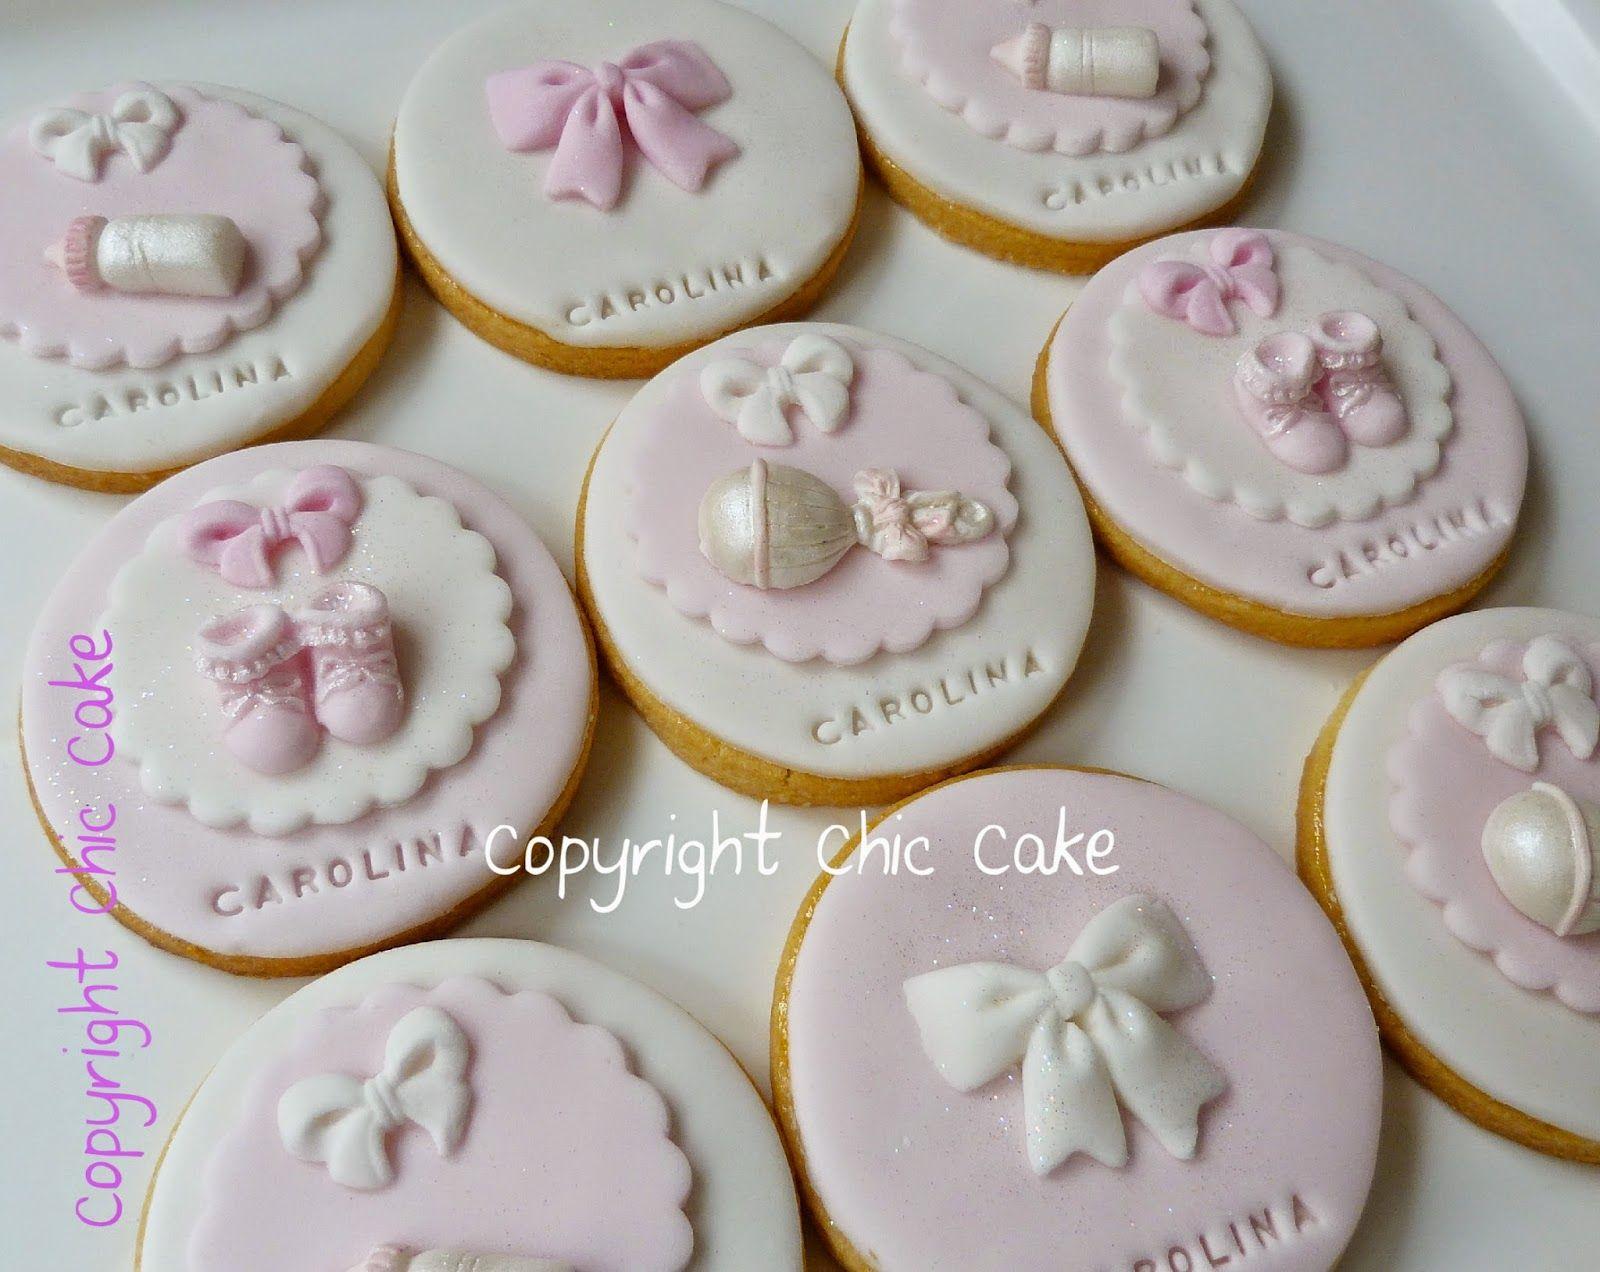 Eccezionale Chic Cake: BISCOTTI BATTESIMO DECORATI   Biscotti decorati  AH89